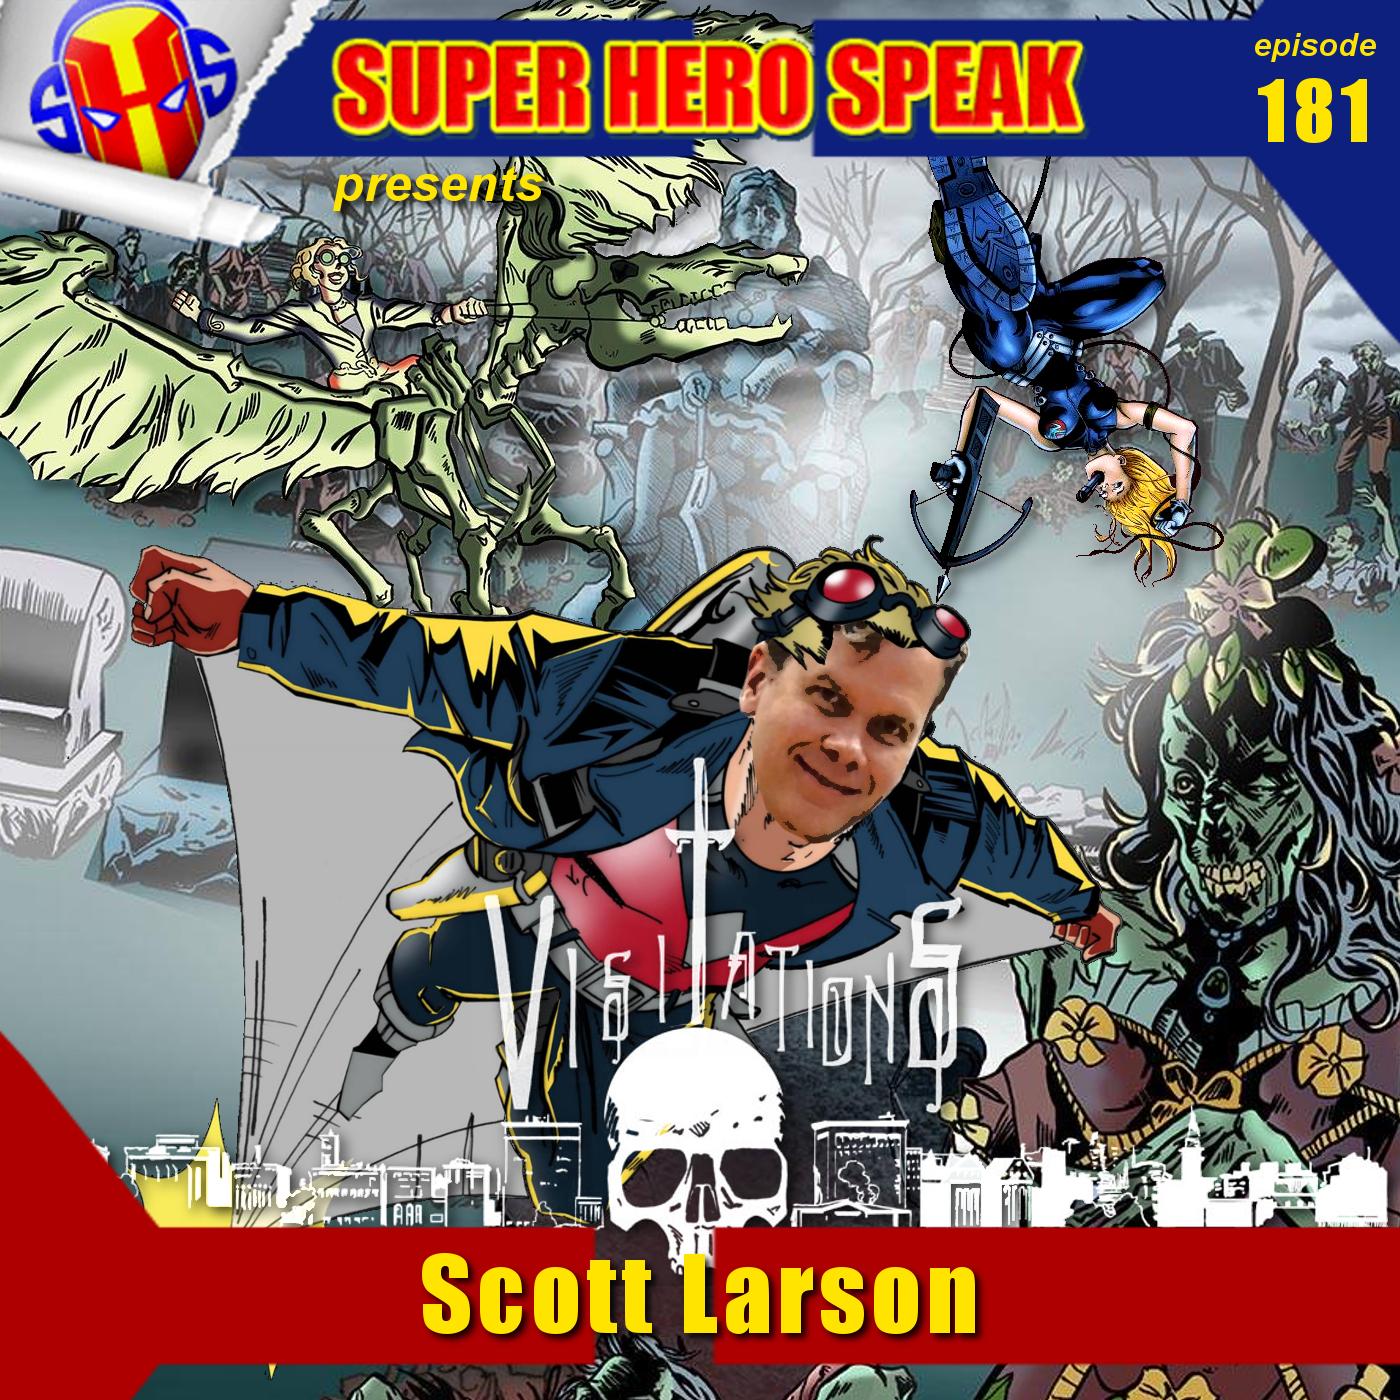 #181: Scott Larson